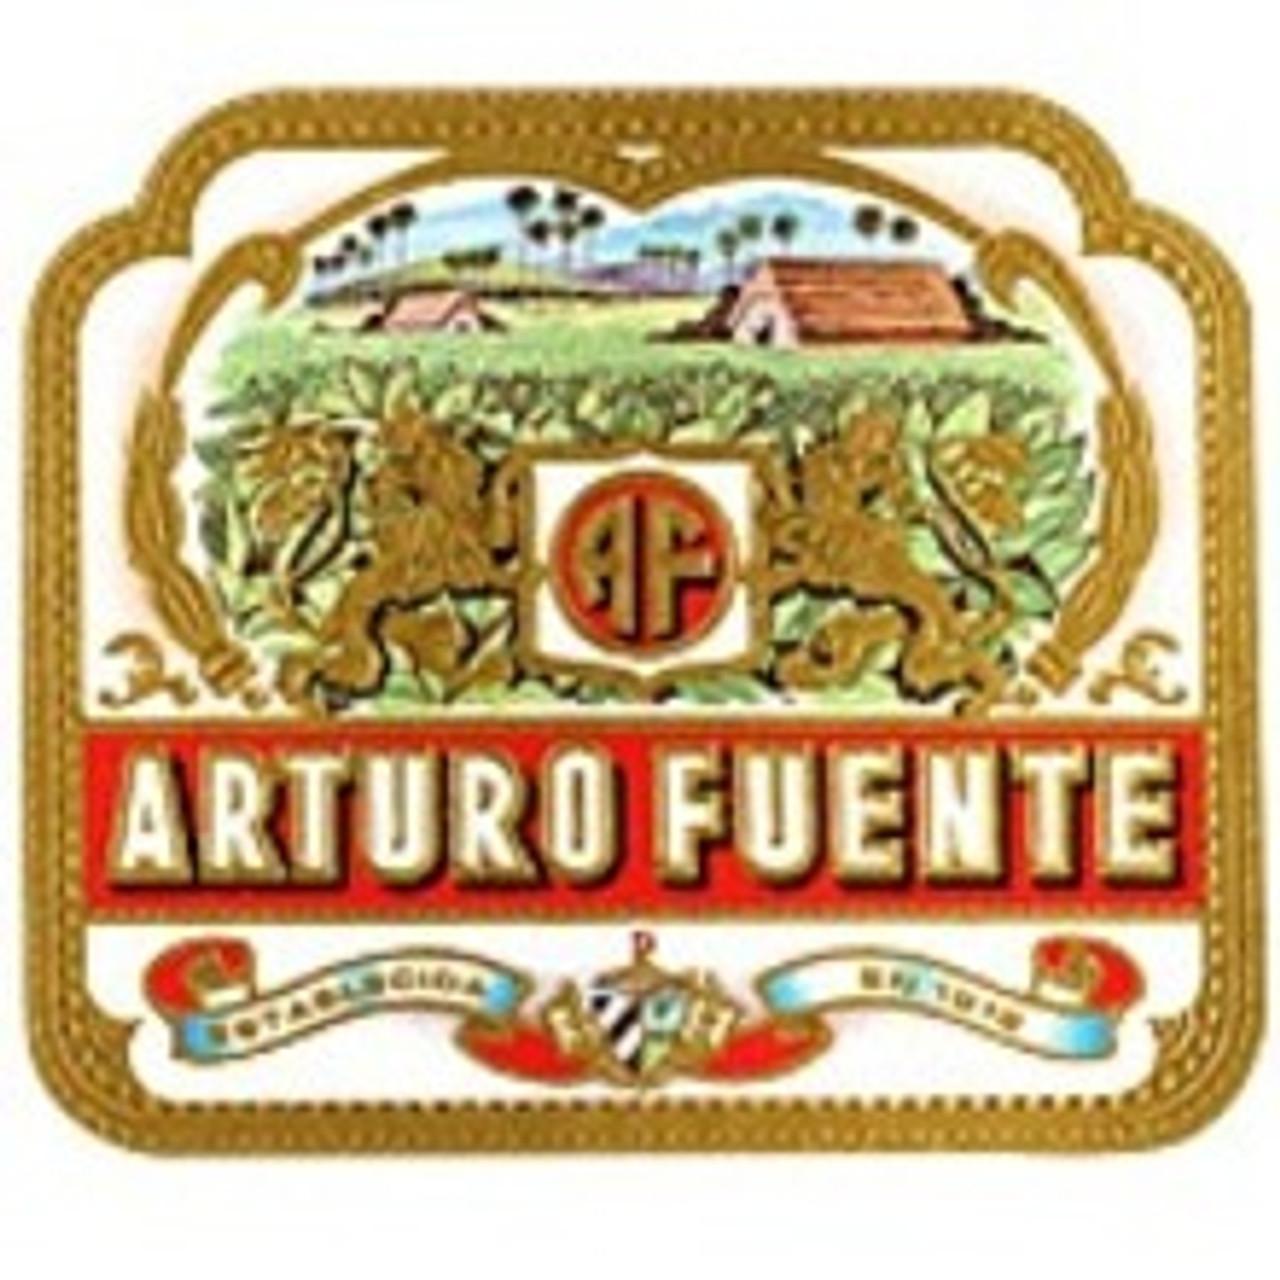 Arturo Fuente Churchill Natural Cigars - 7 1/4 x 48 (Box of 25)